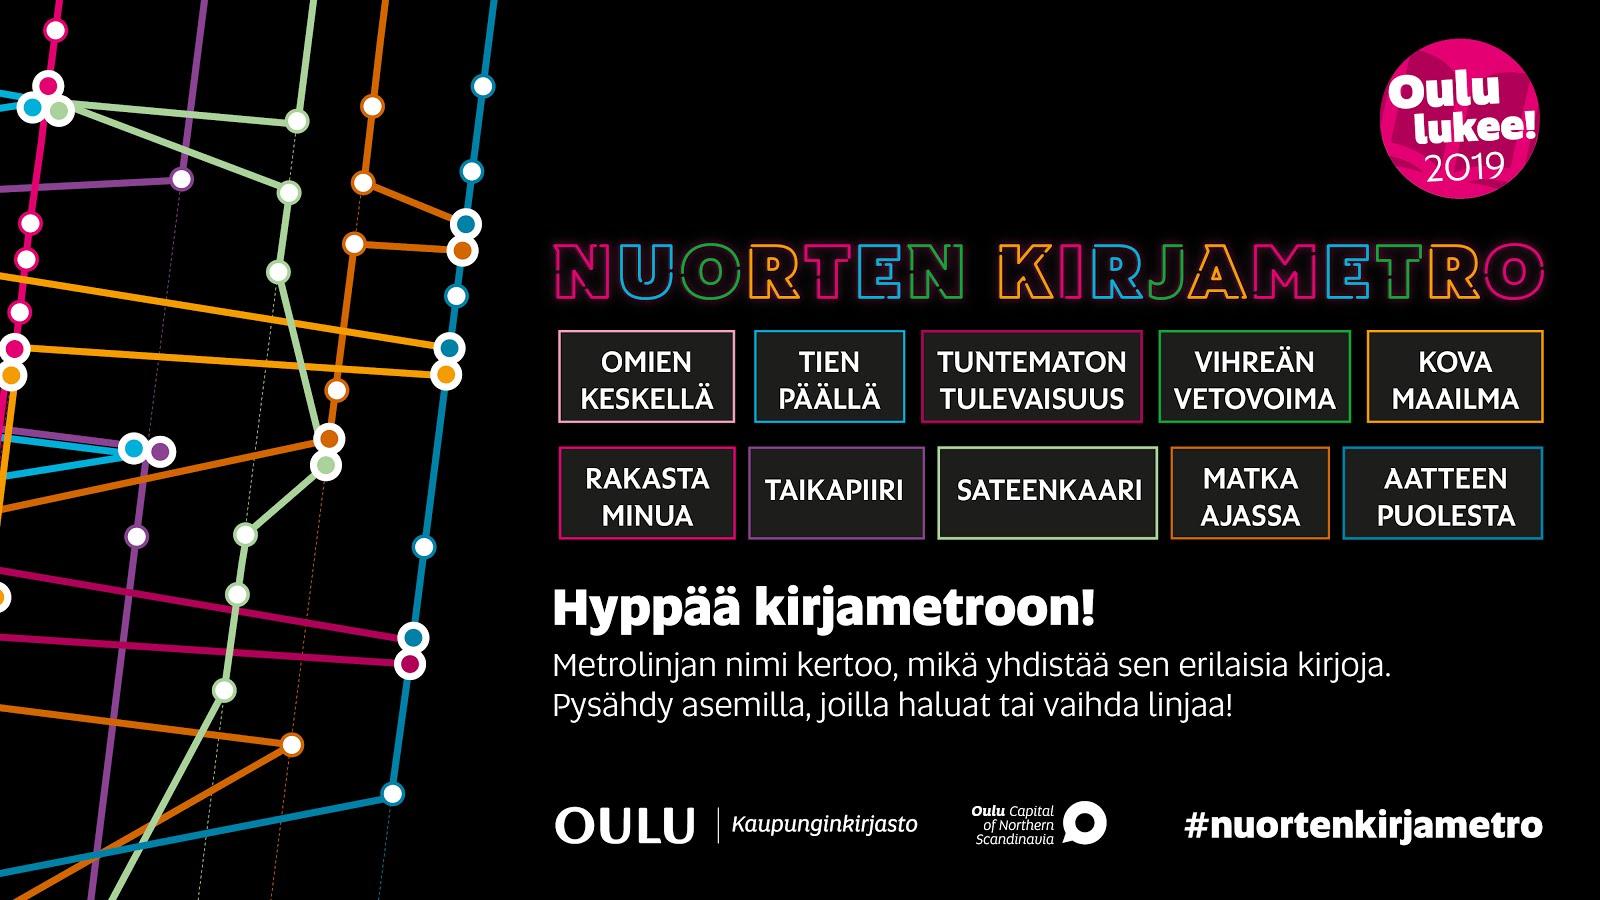 Lähde mukaan matkustamaan Oulun kaupunginkirjaston Nuorten kirjametron linjoilla: